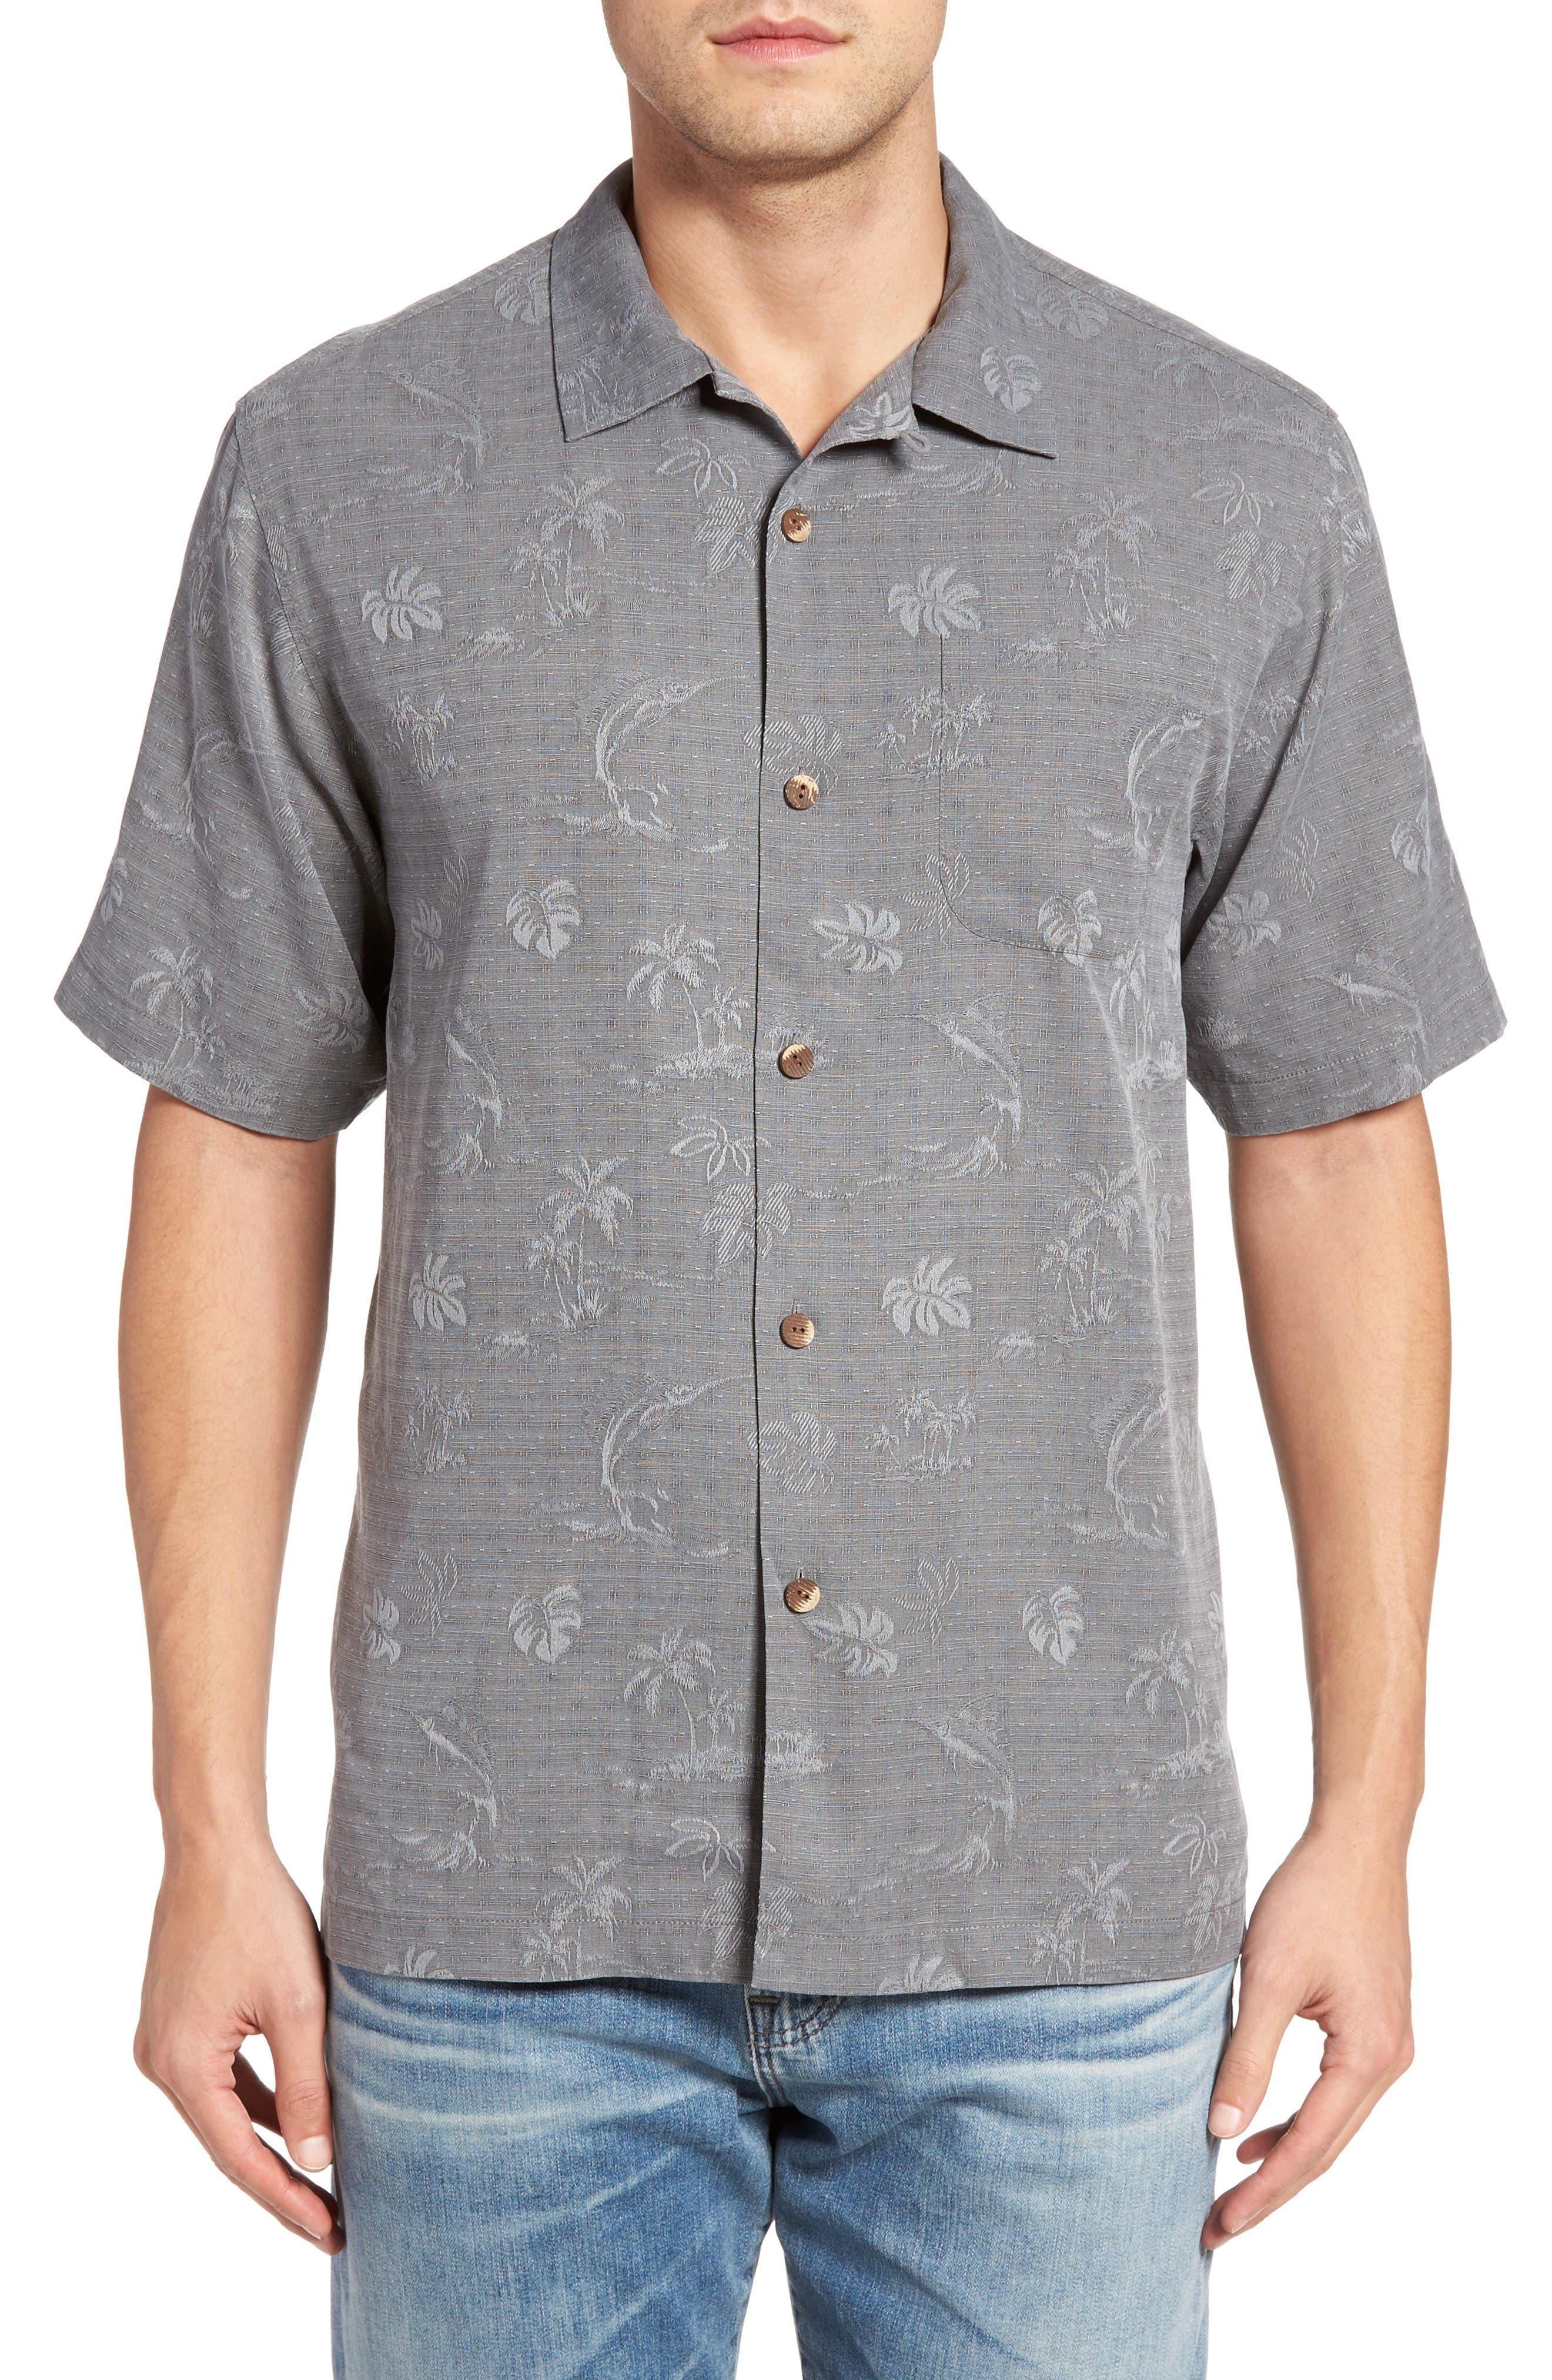 TOMMY BAHAMA Gulf Shore Marlin Silk Camp Shirt